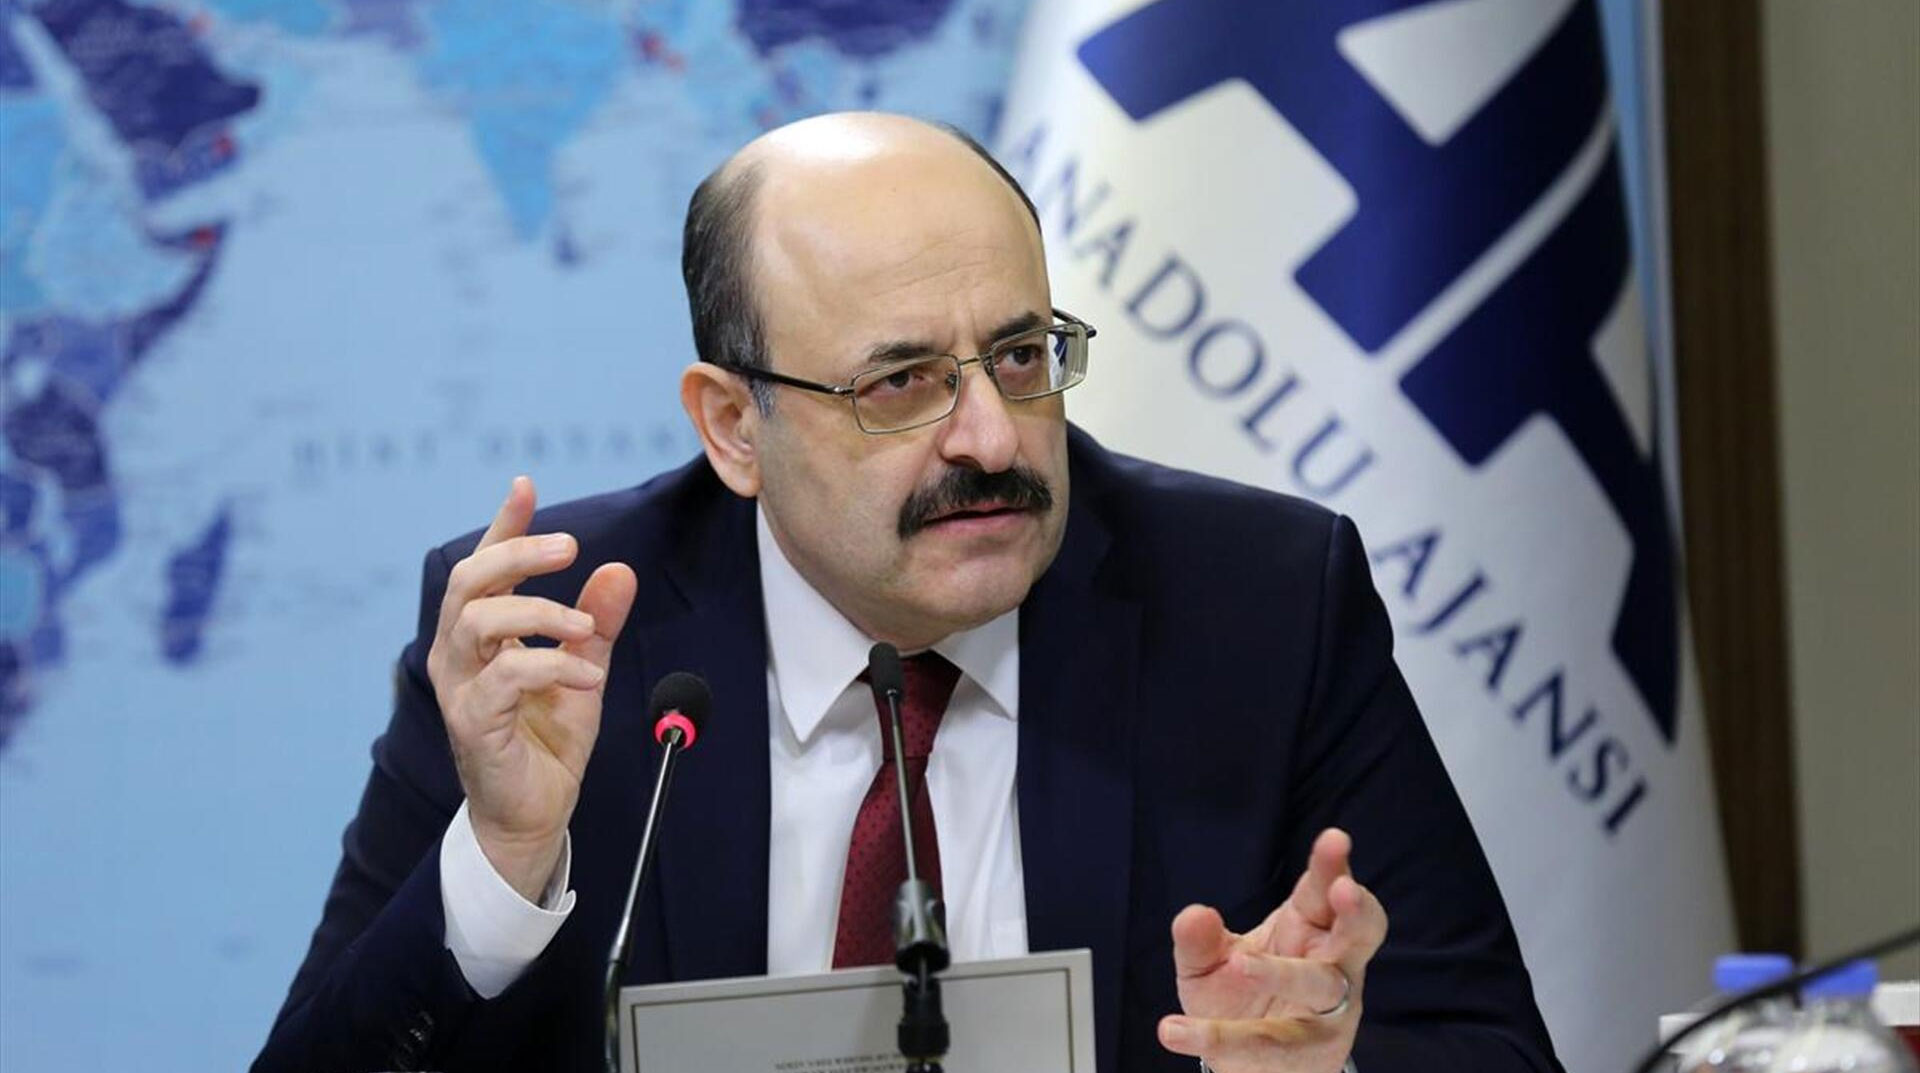 YÖK Başkanı Saraç: Kriterler Yükseltilmeli